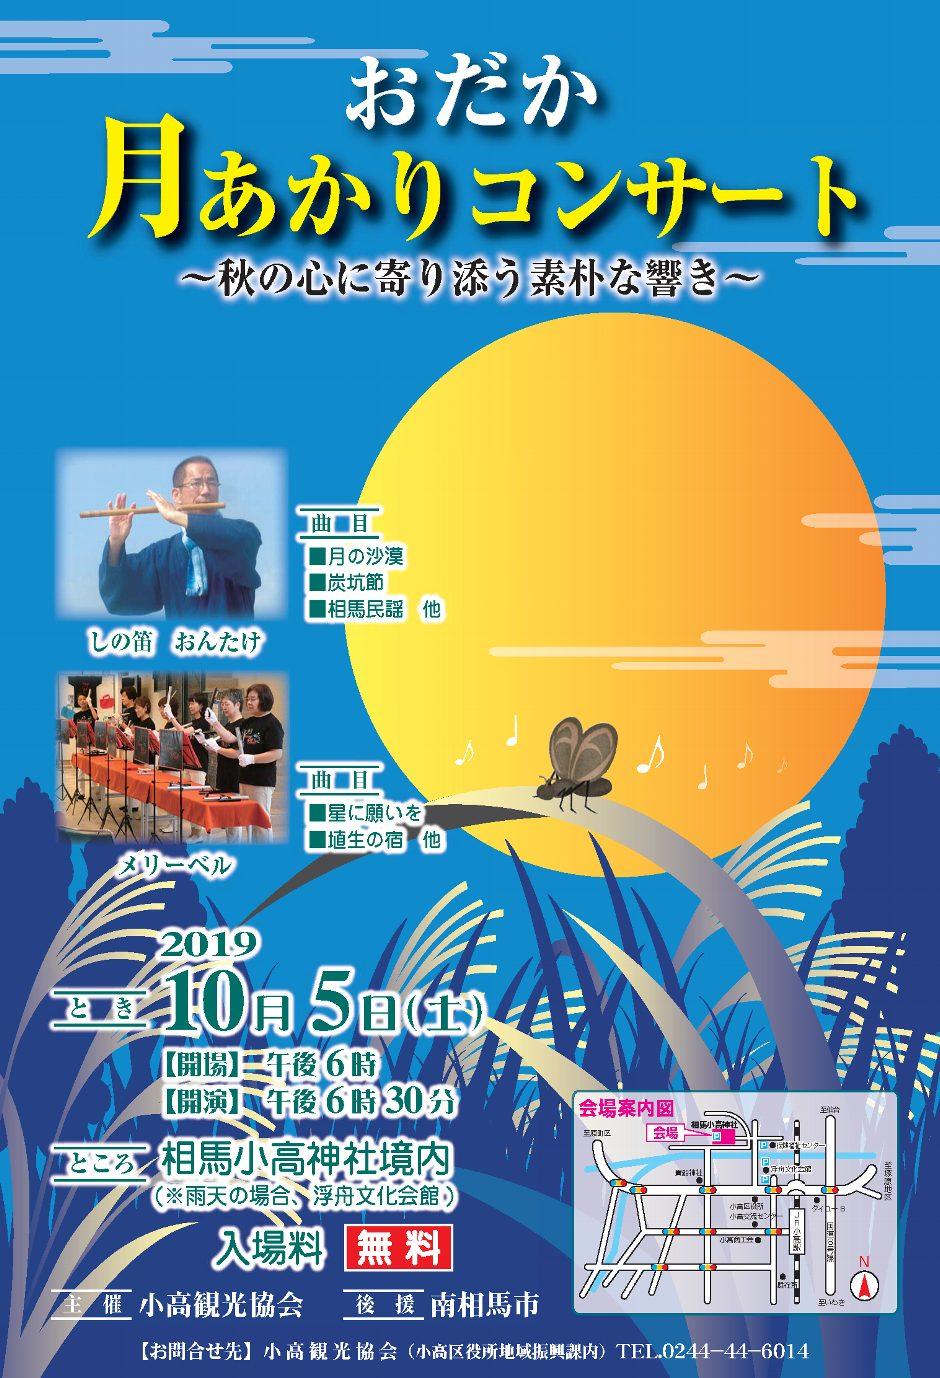 2019.10.5おだか月あかりコンサート2019